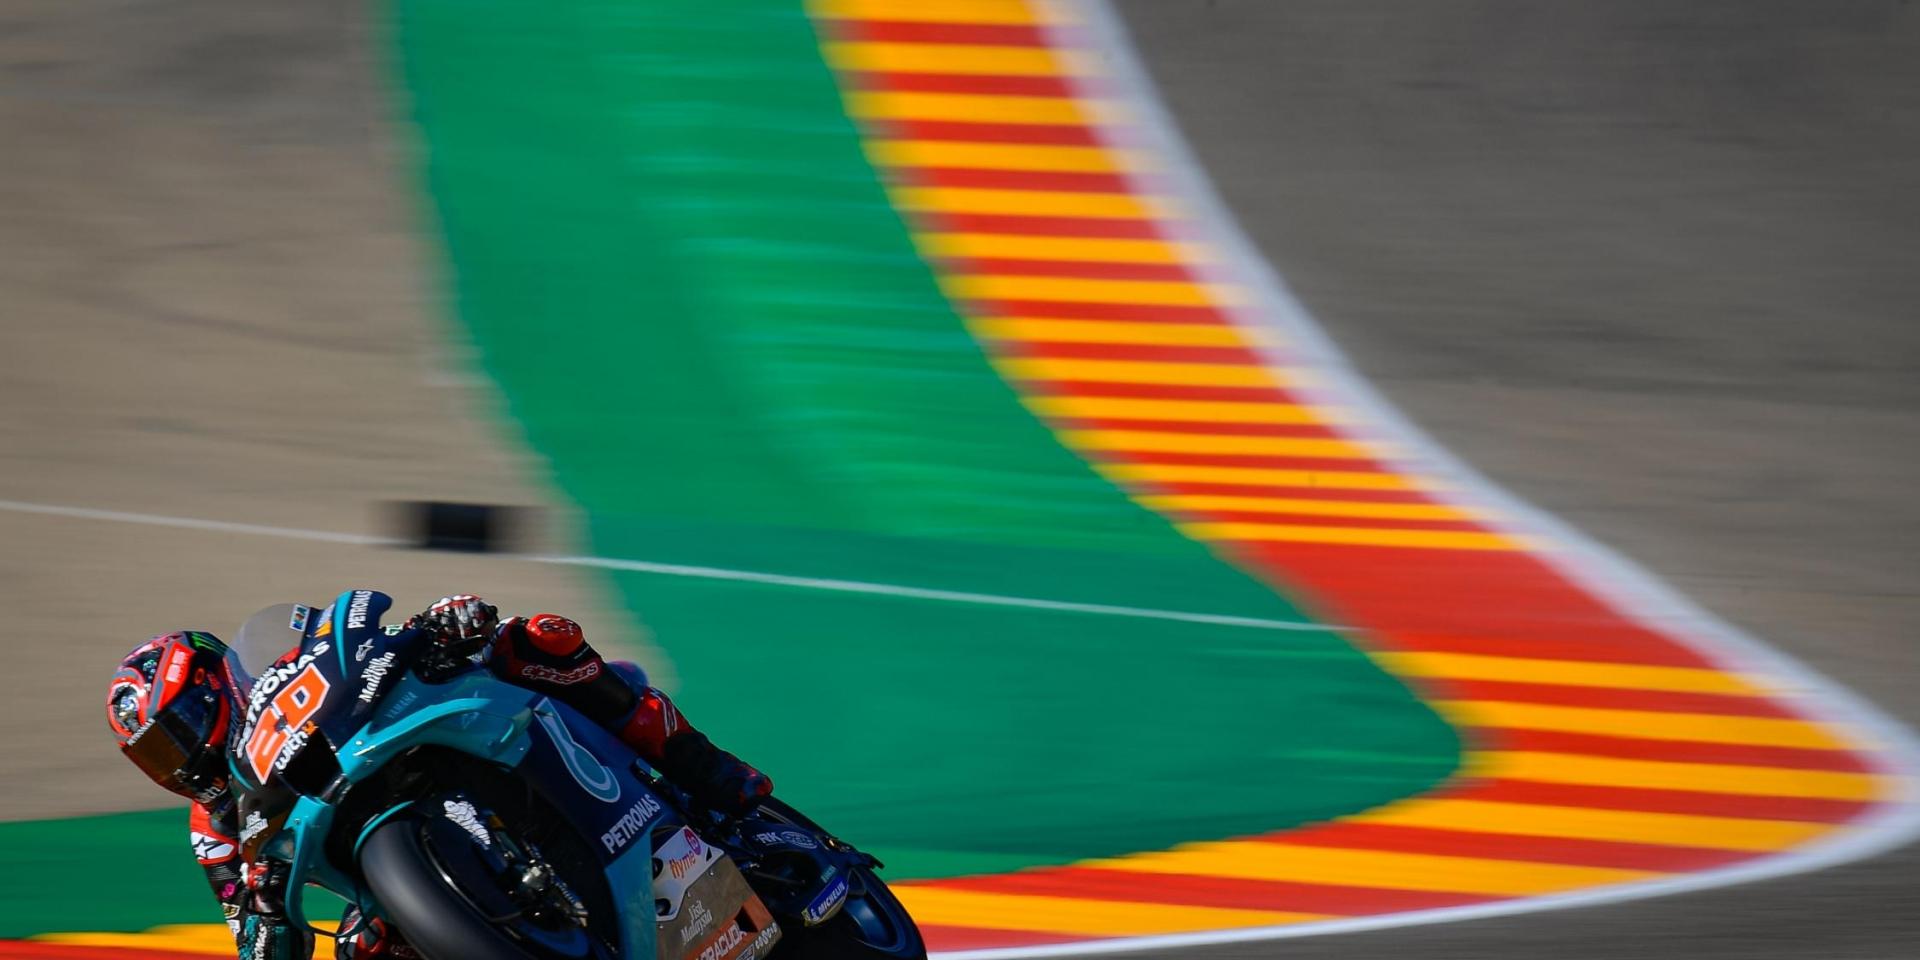 桿位發車最後一分未得大悲劇! Fabio Quartararo:胎壓太高讓我完全沒辦法做出圈速!